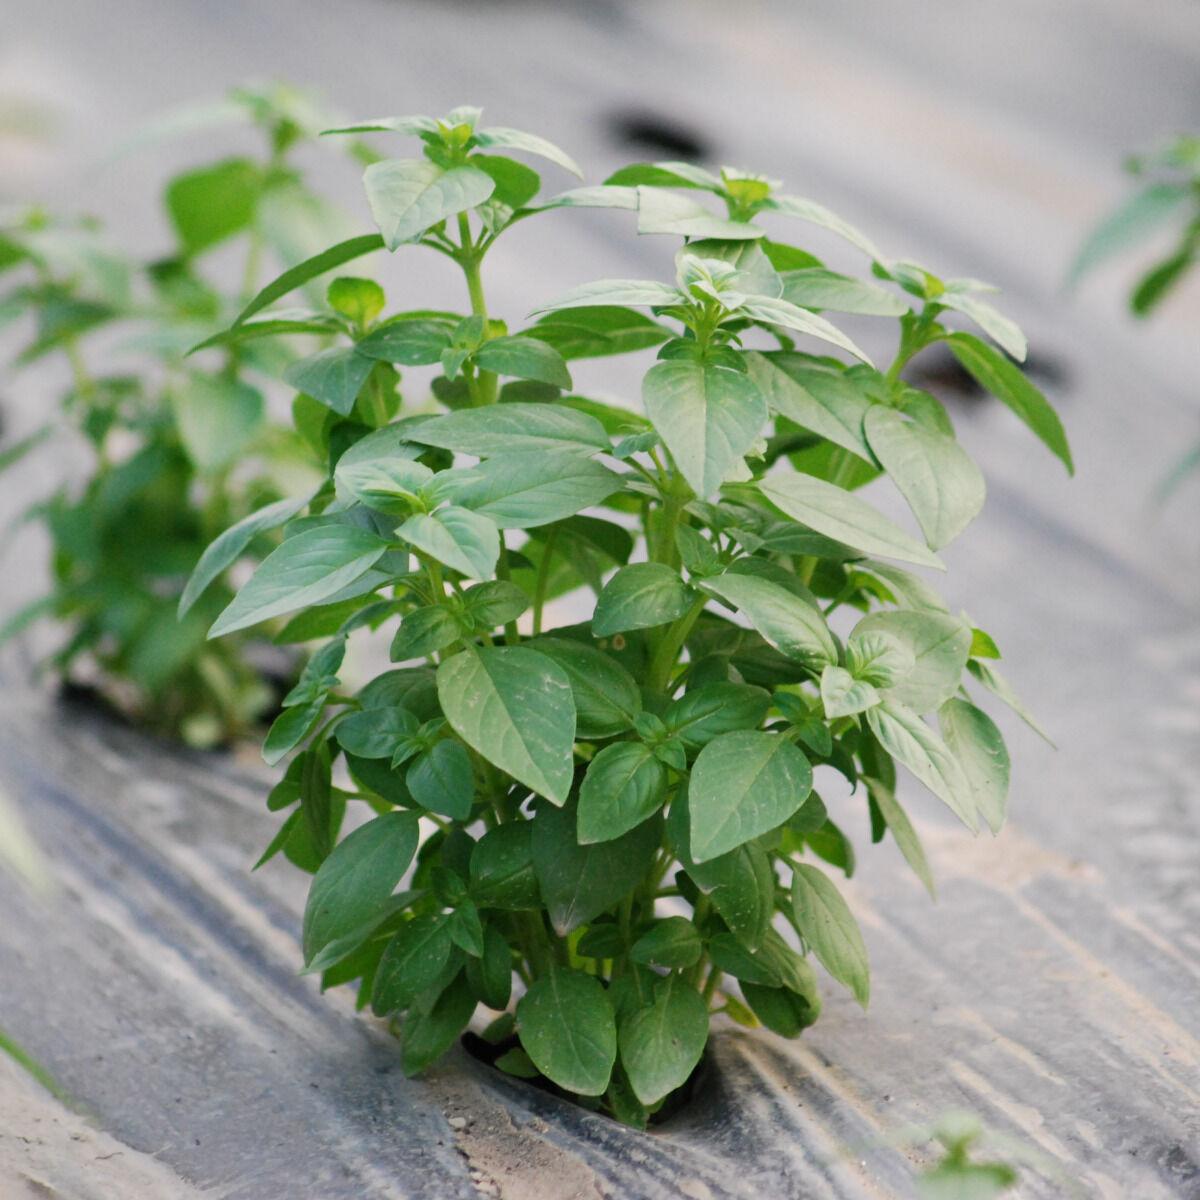 La Boite à Herbes Basilic Frais - Sachet 100g